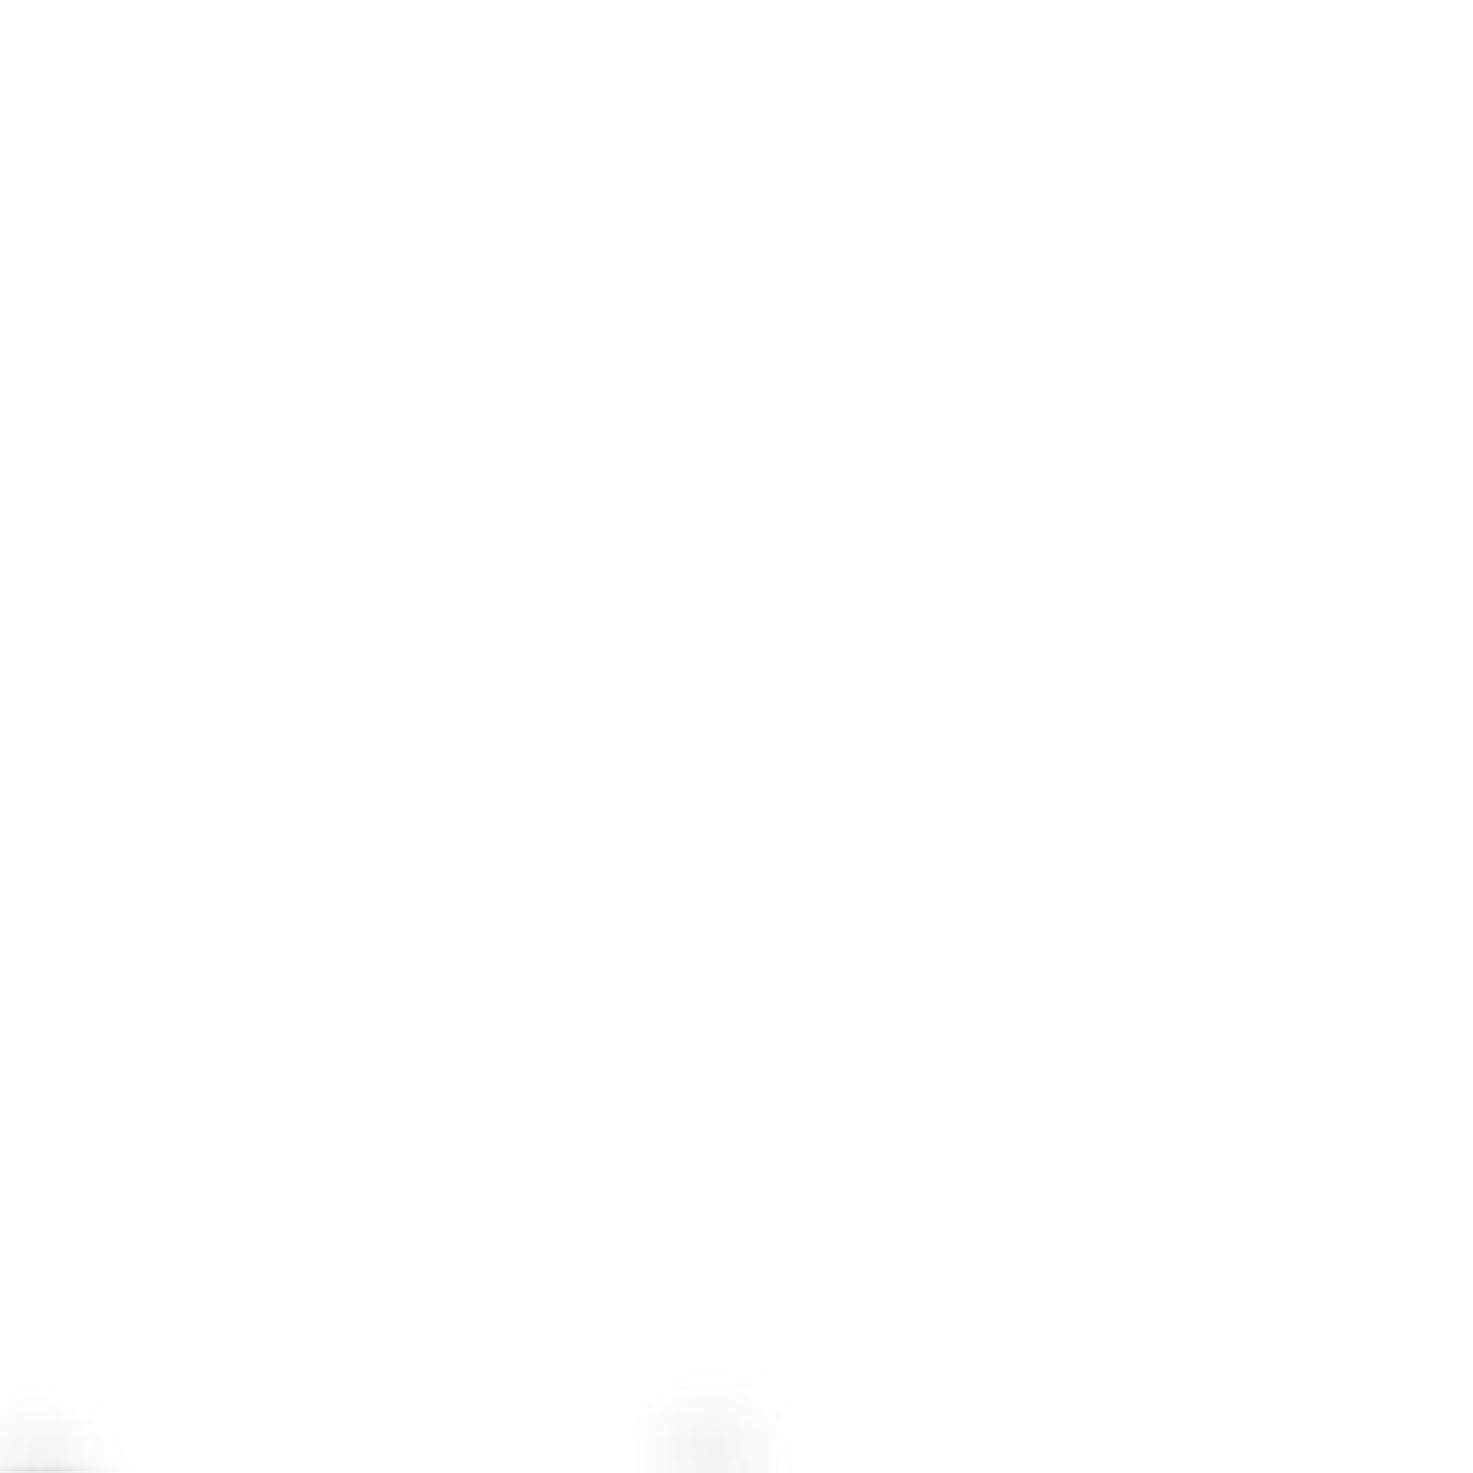 スリップ代名詞活気づけるNeutrogena ニュートロジーナ ウェットスキン キッズ 日焼け止めセット (チューブタイプ) [並行輸入品]